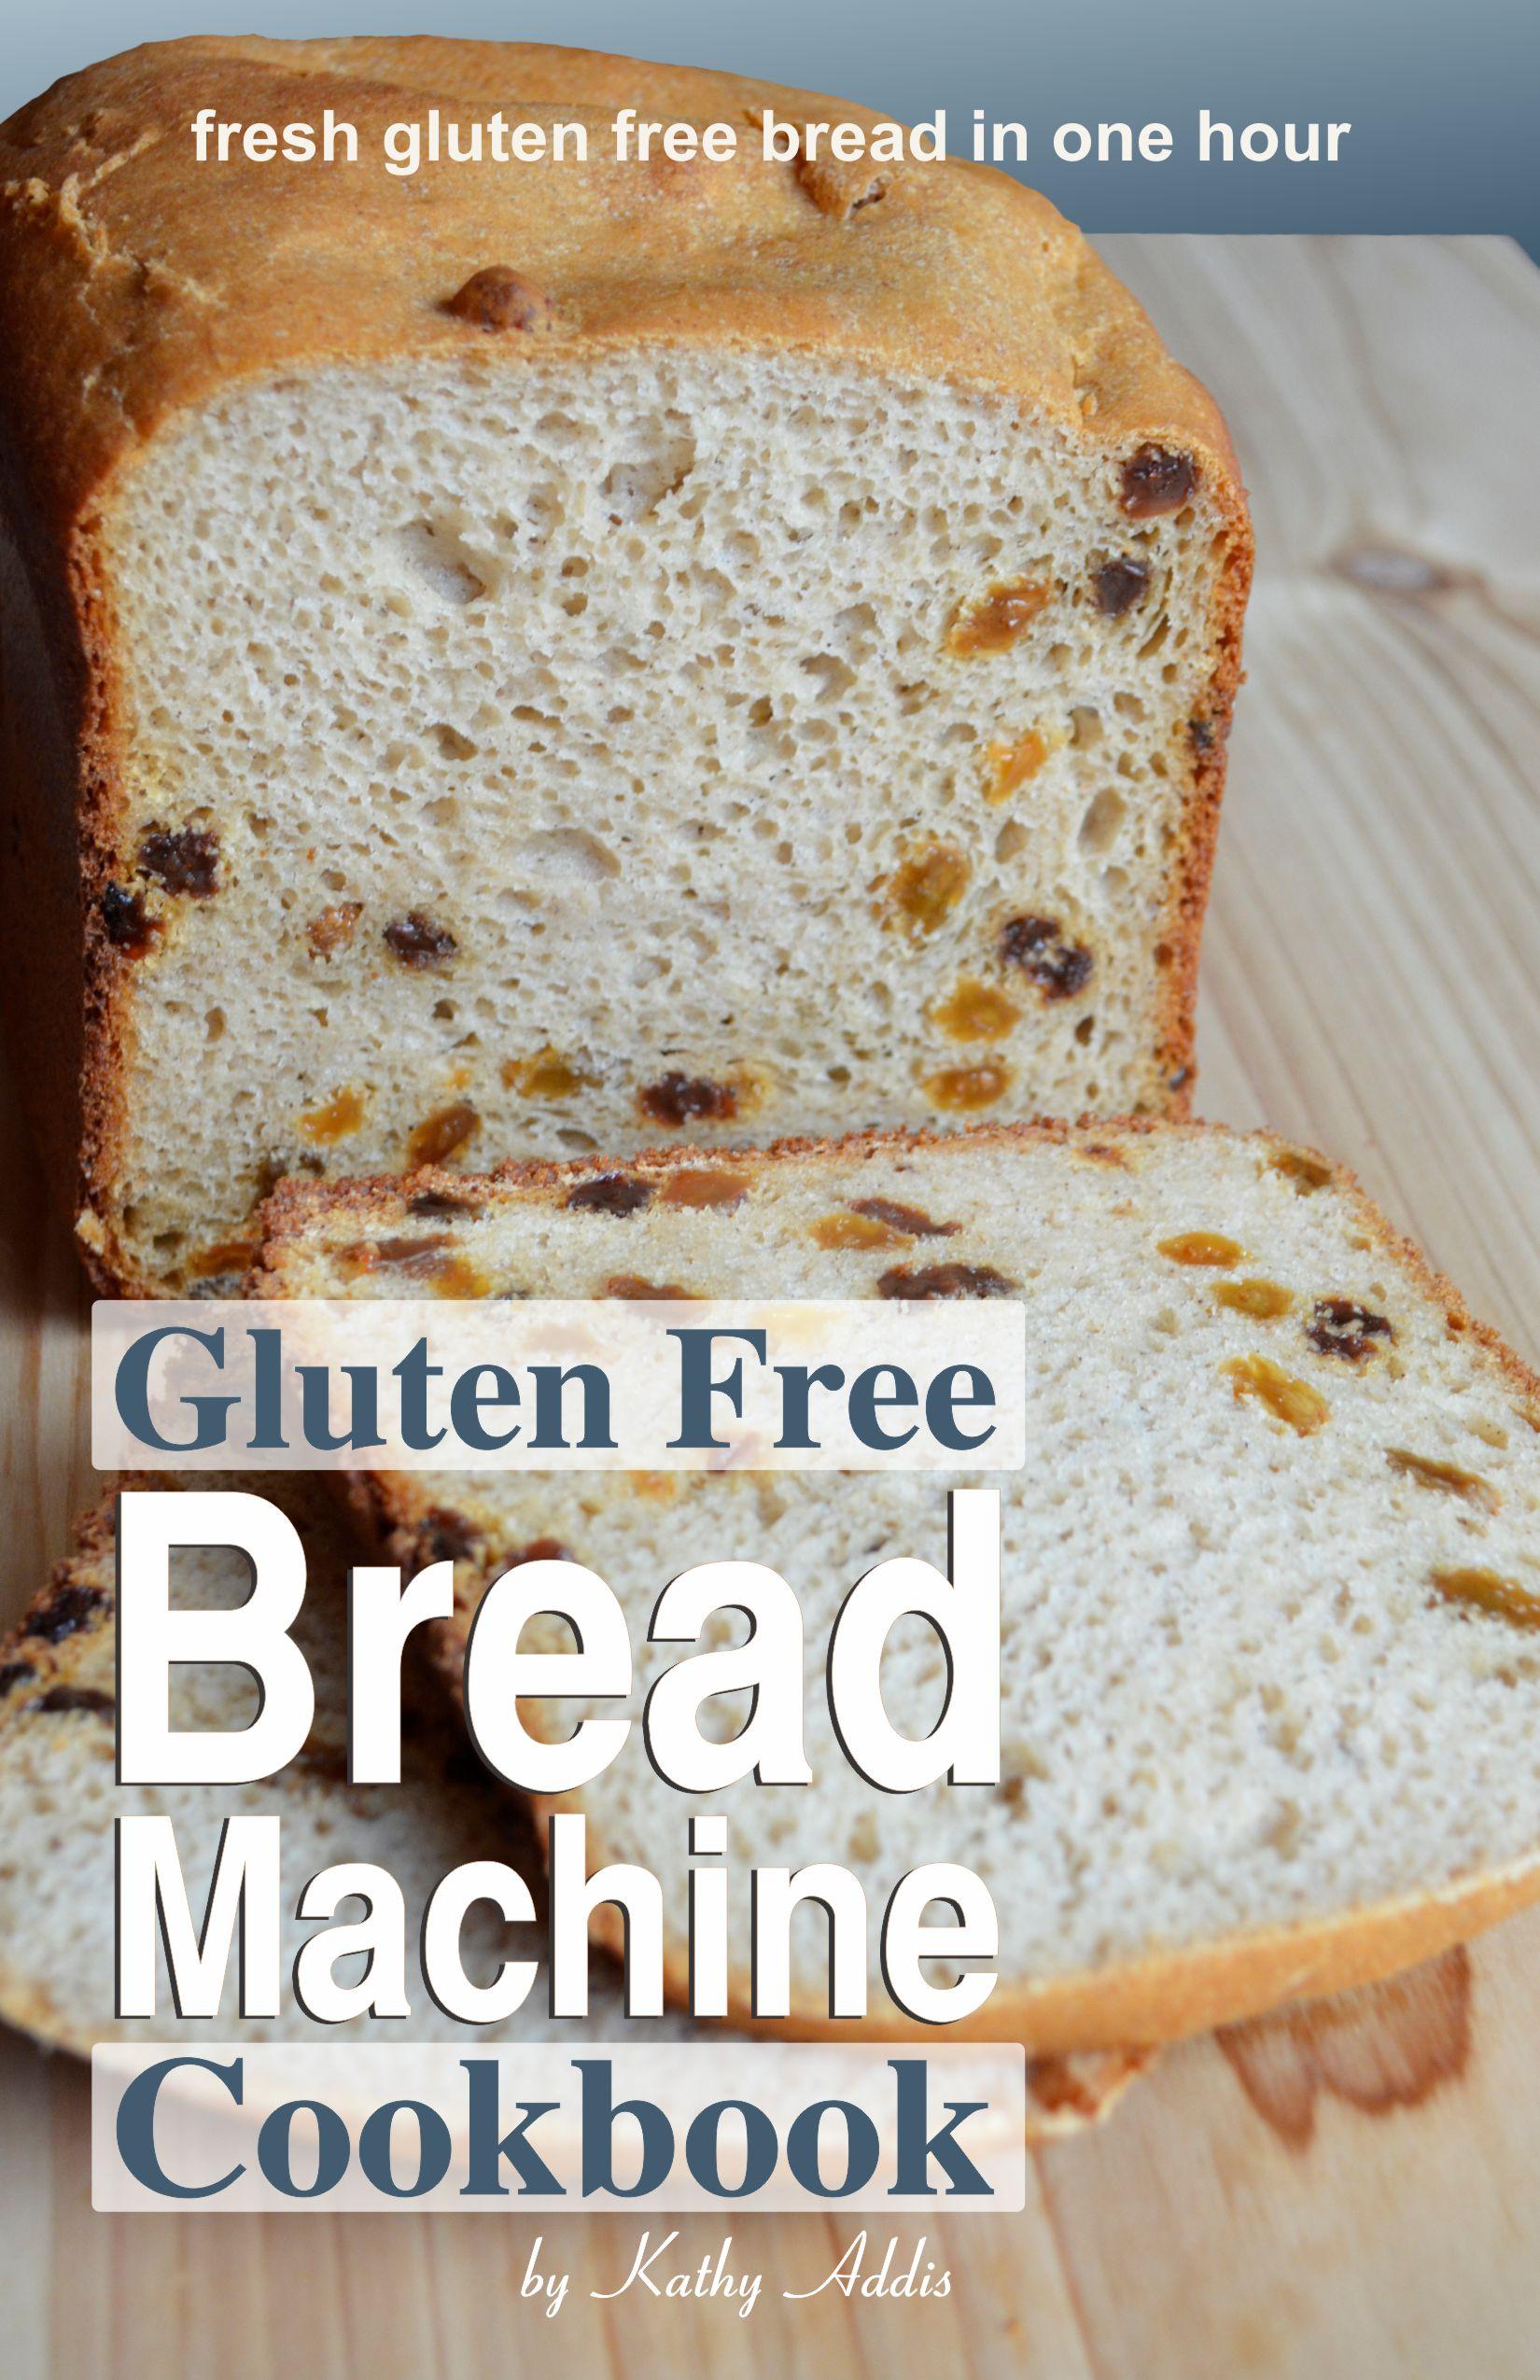 Cookbooks — Your Gluten Free Kitchen